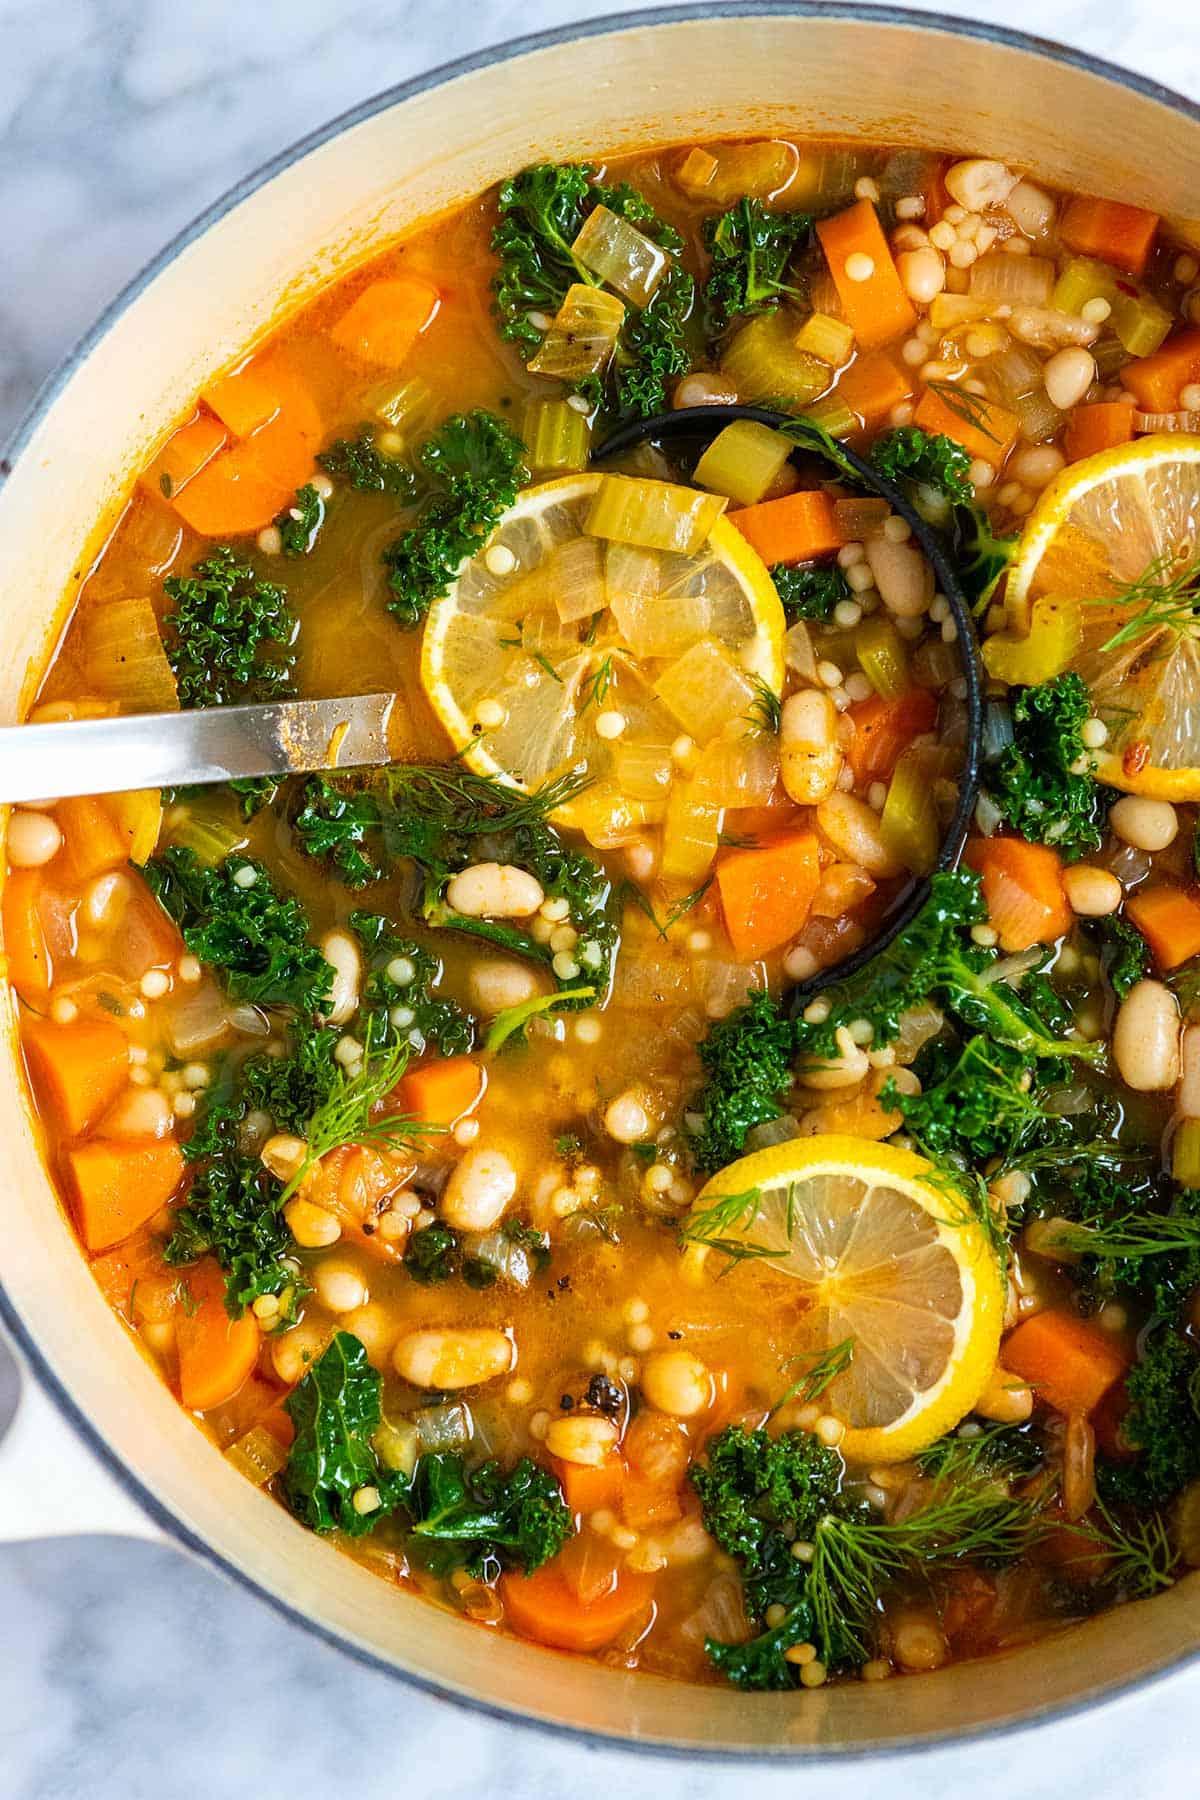 Sopa de frijoles con verduras y pasta